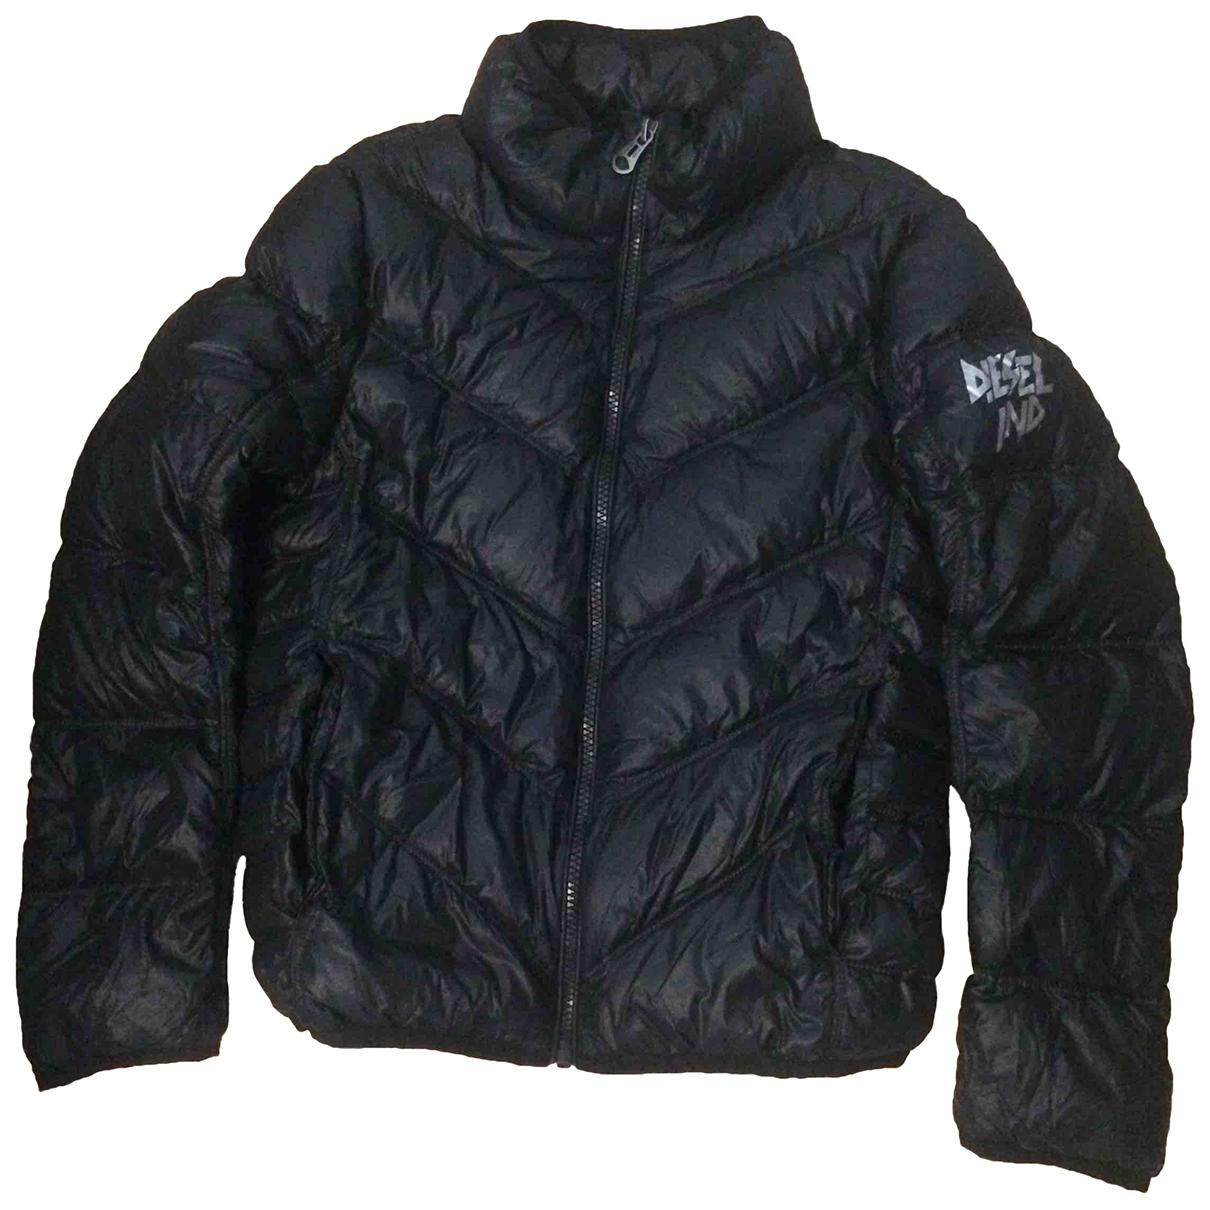 Diesel - Blousons.Manteaux   pour enfant - noir